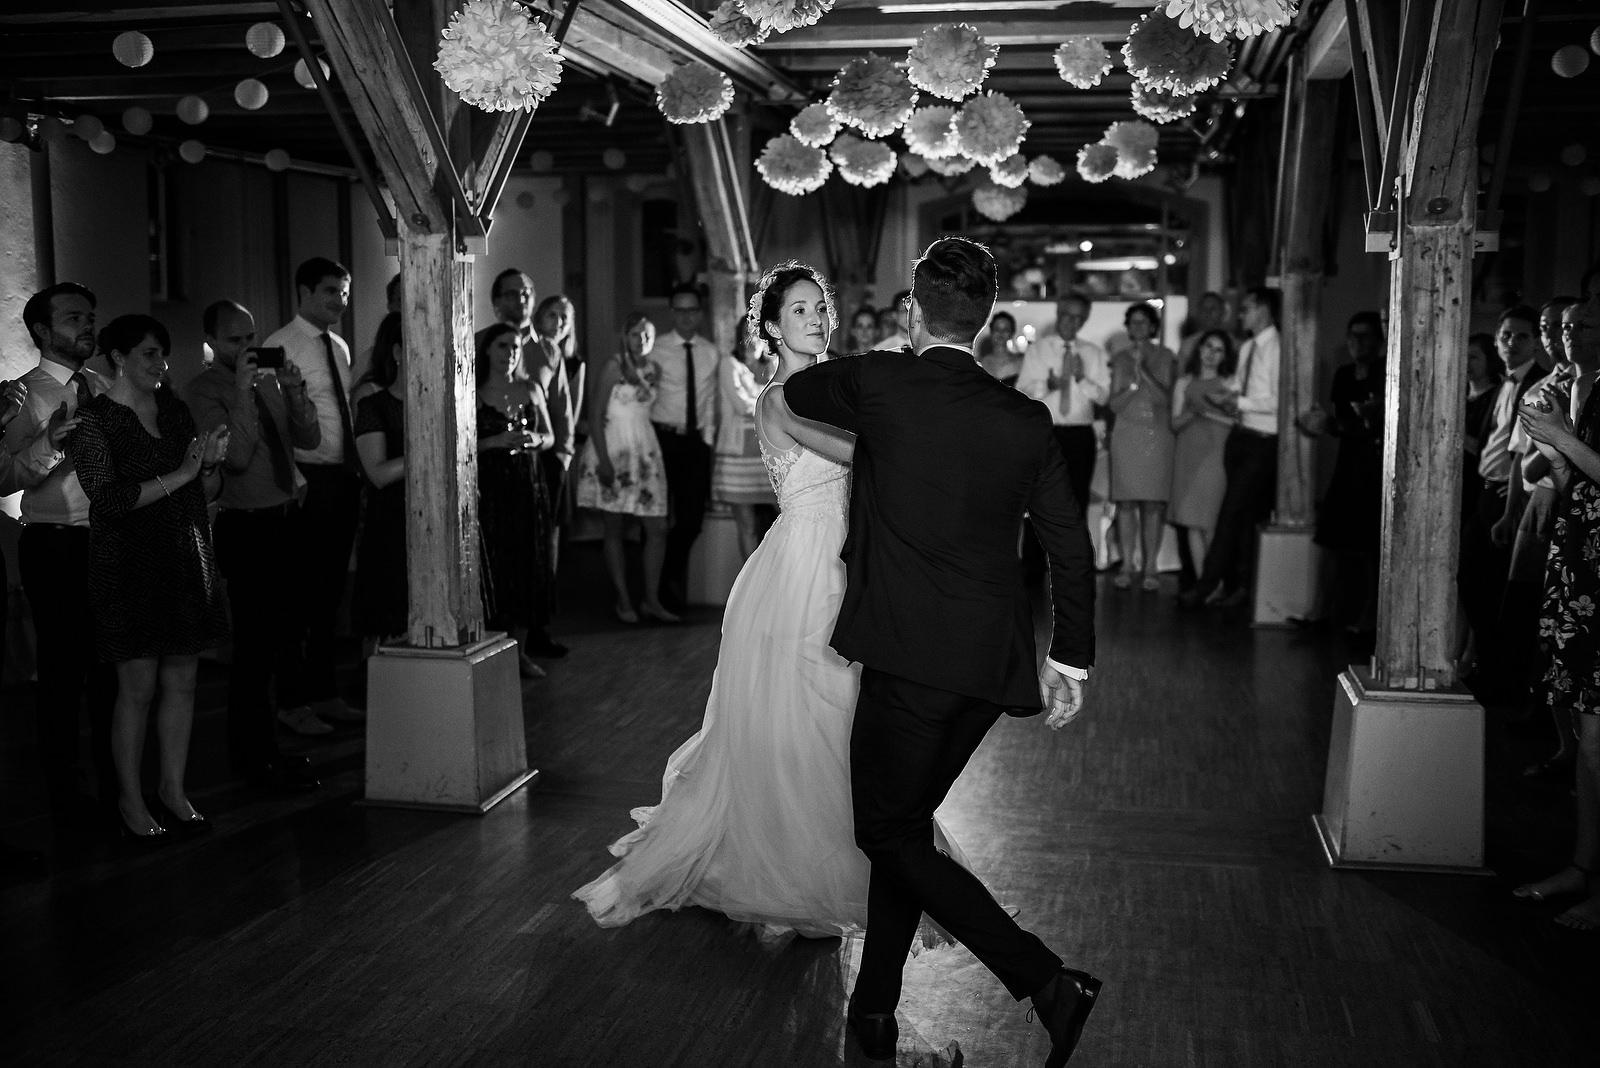 Fotograf Konstanz - Hochzeitsfotograf Bodensee Zollhaus Ludwigshafen Hochzeit Konstanz EFP 140 - Hochzeitsreportage im Zollhaus in Bodman-Ludwigshafen, Bodensee  - 243 -